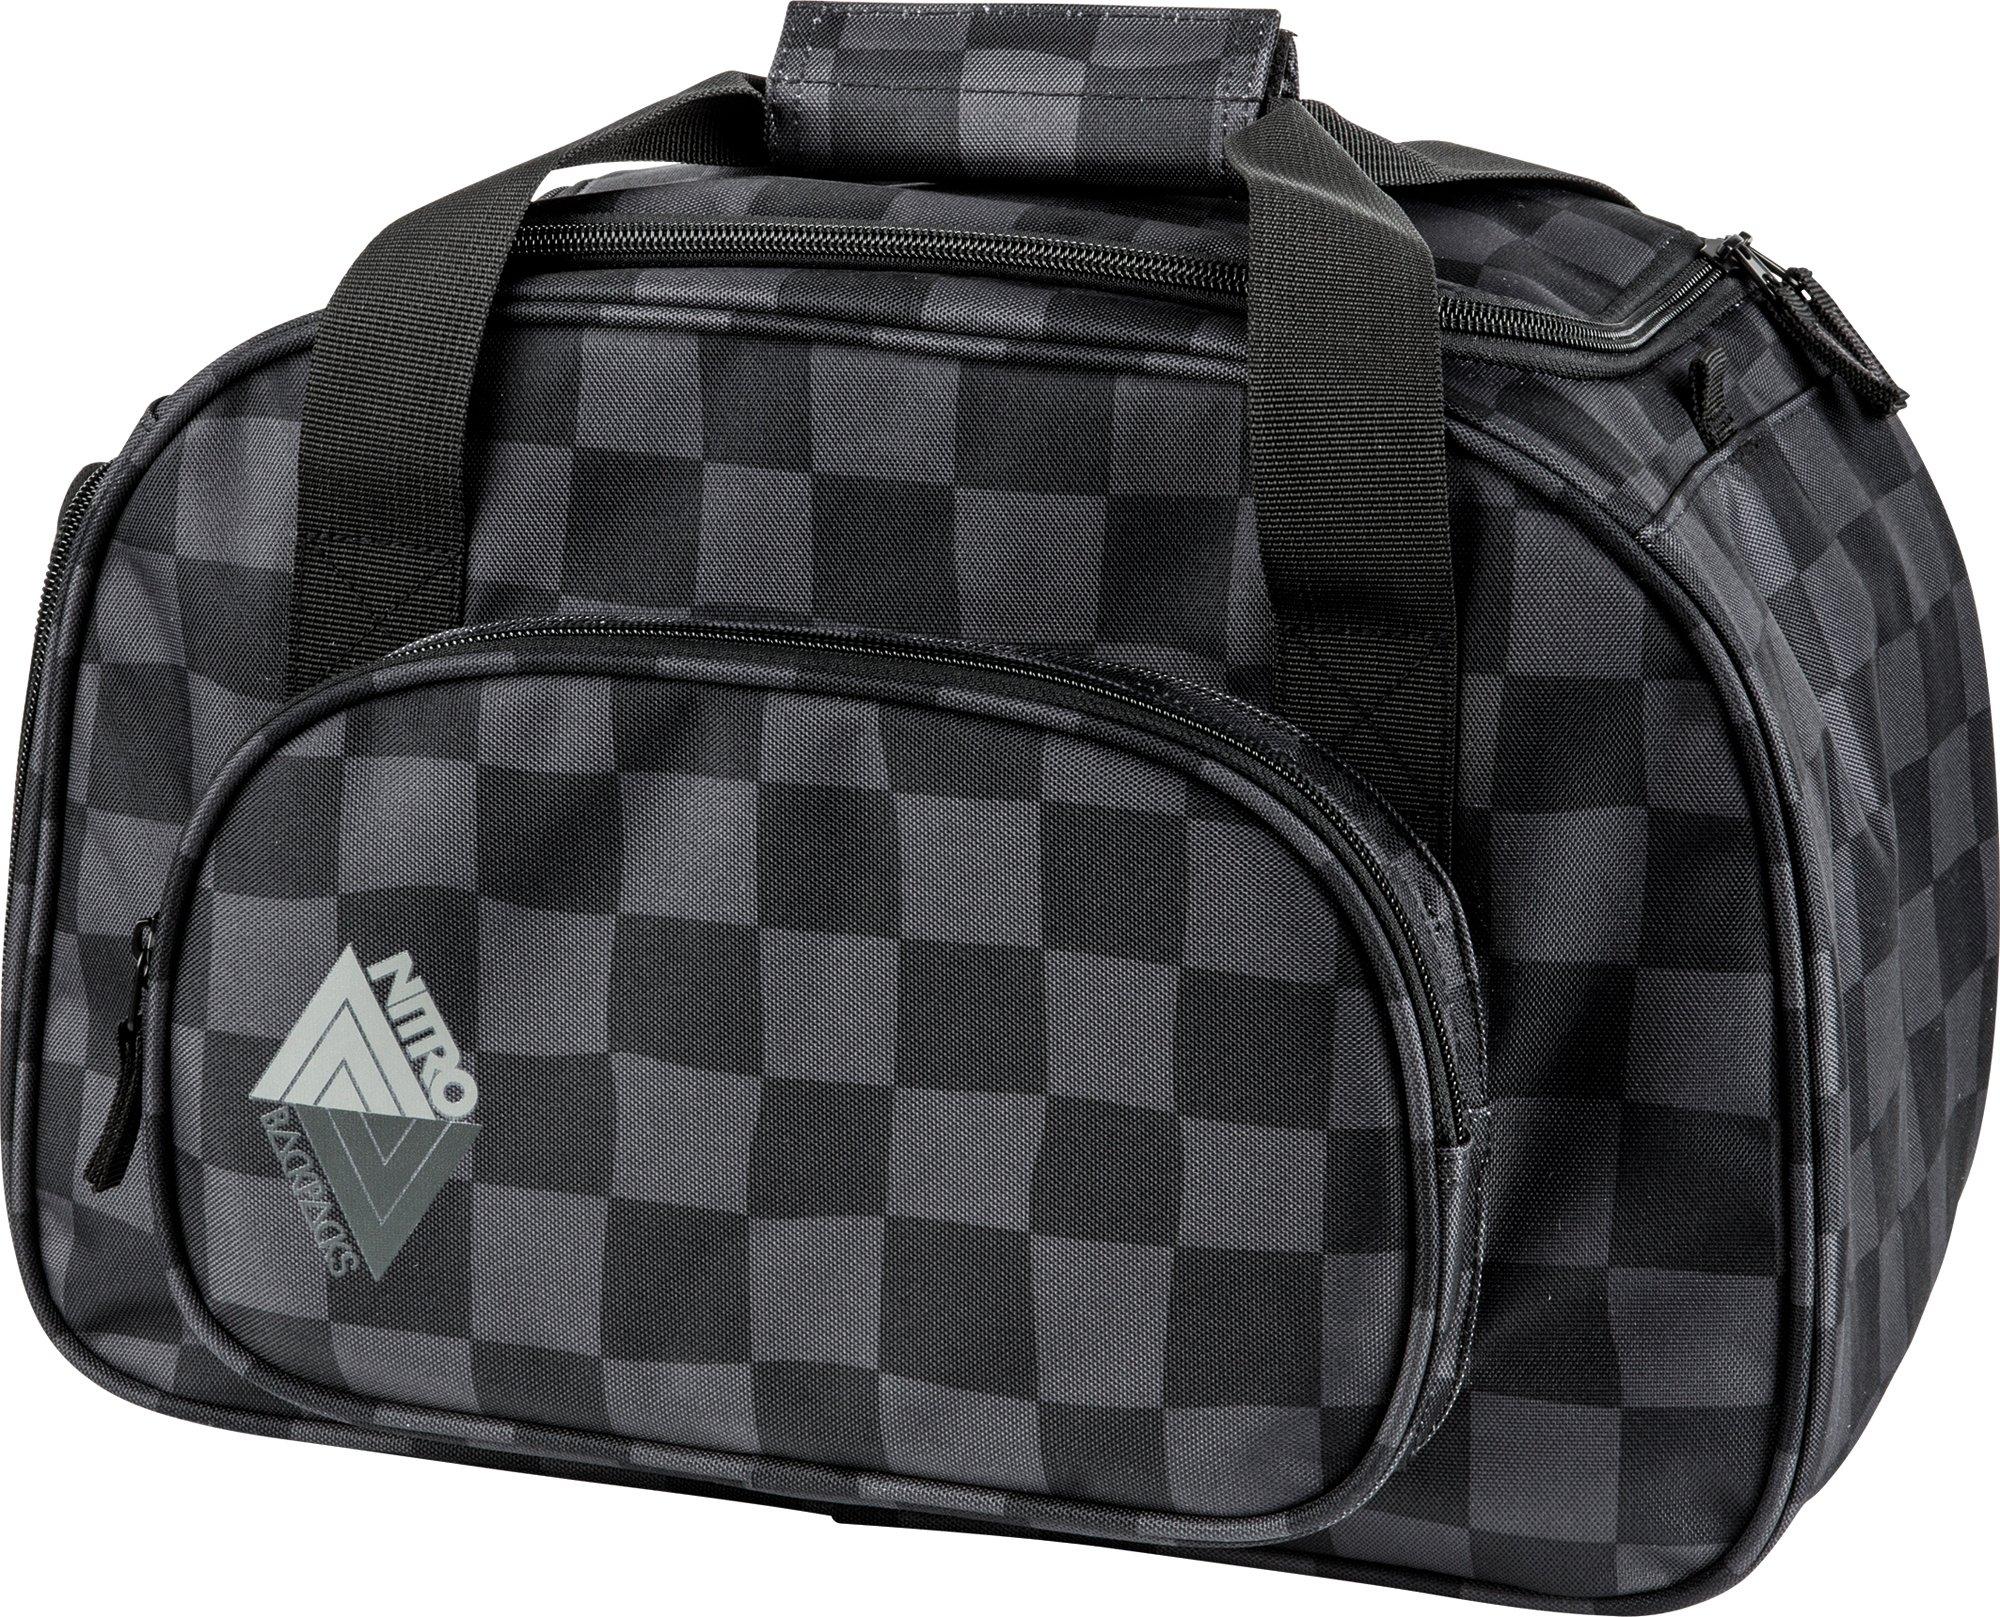 NITRO reistas met schoenenvak, »Duffle Bag XS Black Checker« nu online bestellen